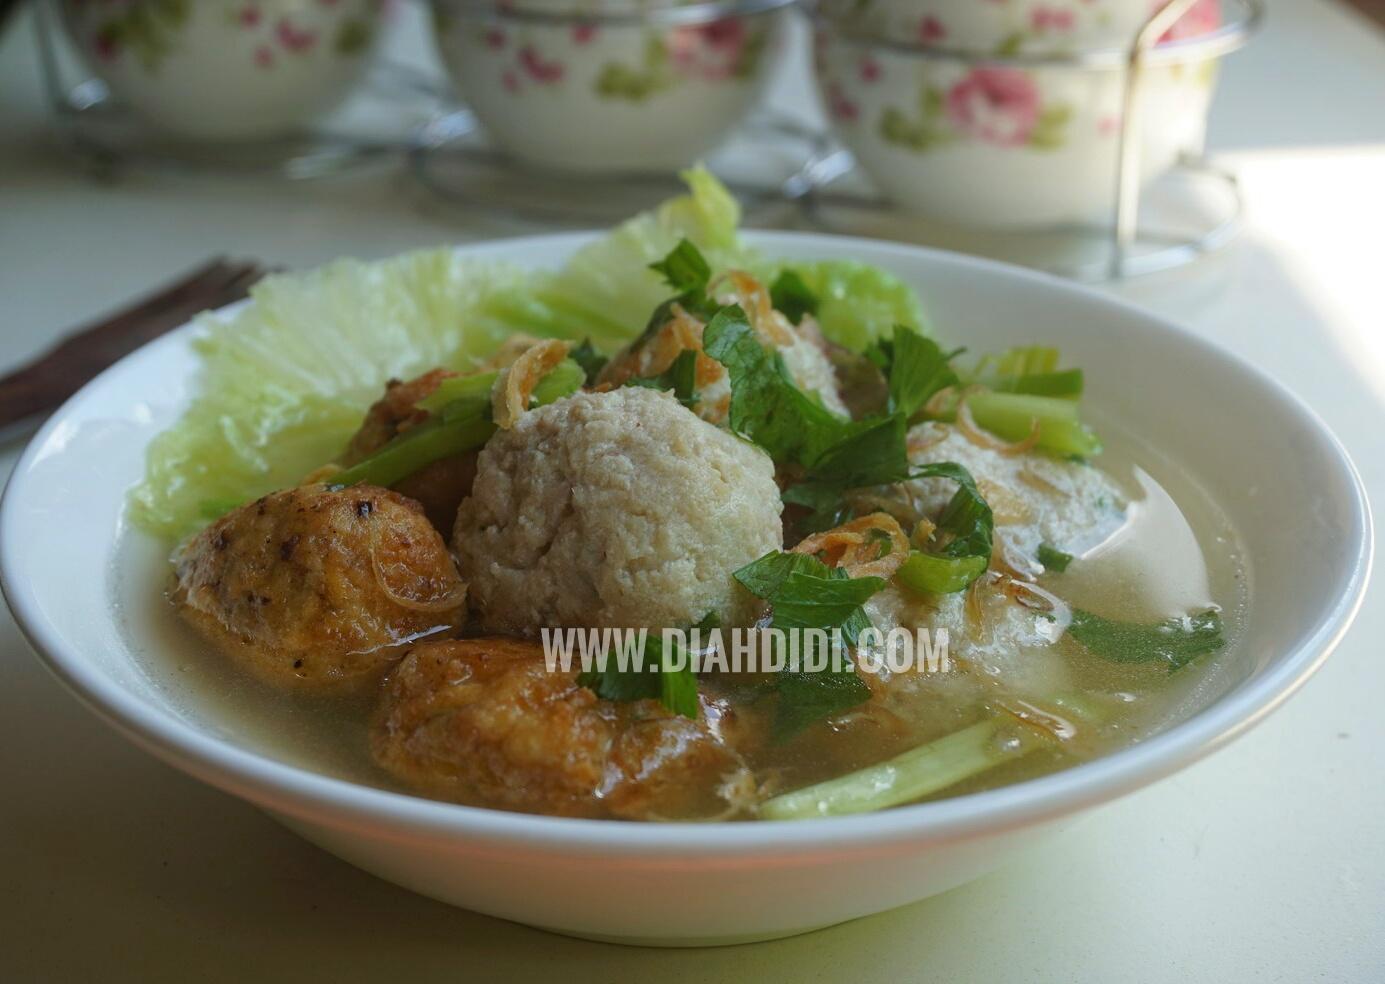 Diah didi 39 s kitchen shanghai lion head meat ball for Ala shanghai chinese cuisine menu